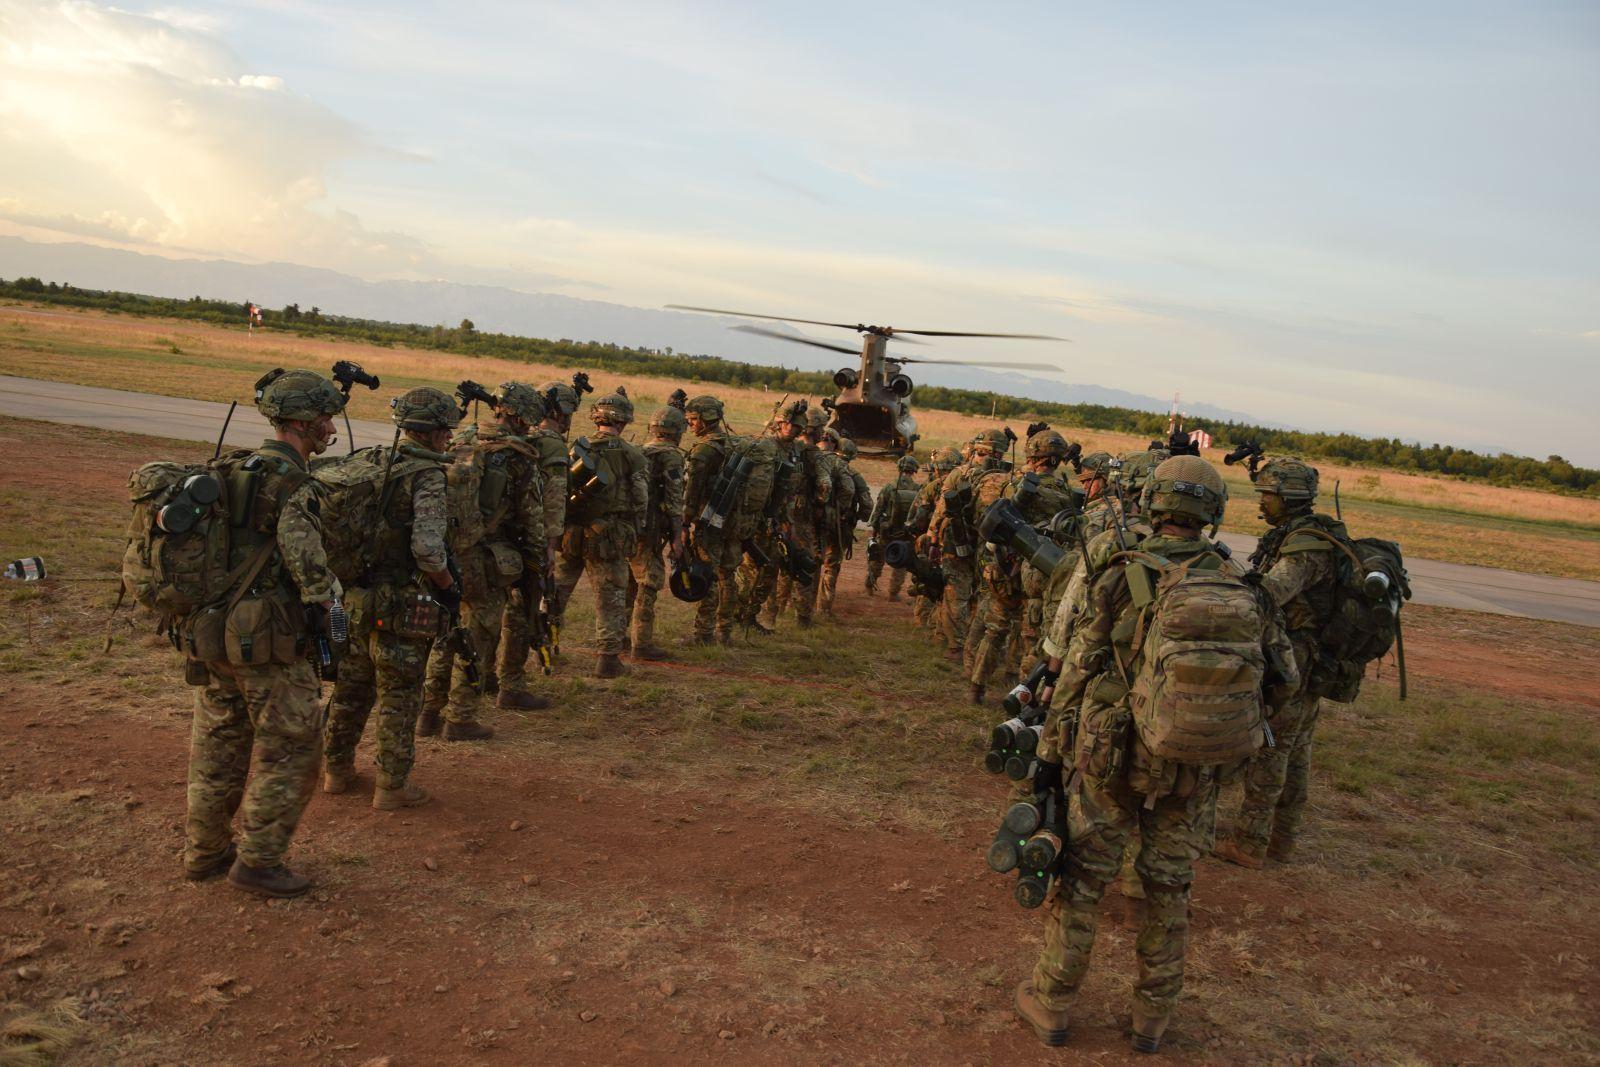 Više od 600 padobranaca iskočilo na području Udbine u sklopu vježbe Swift Response 19